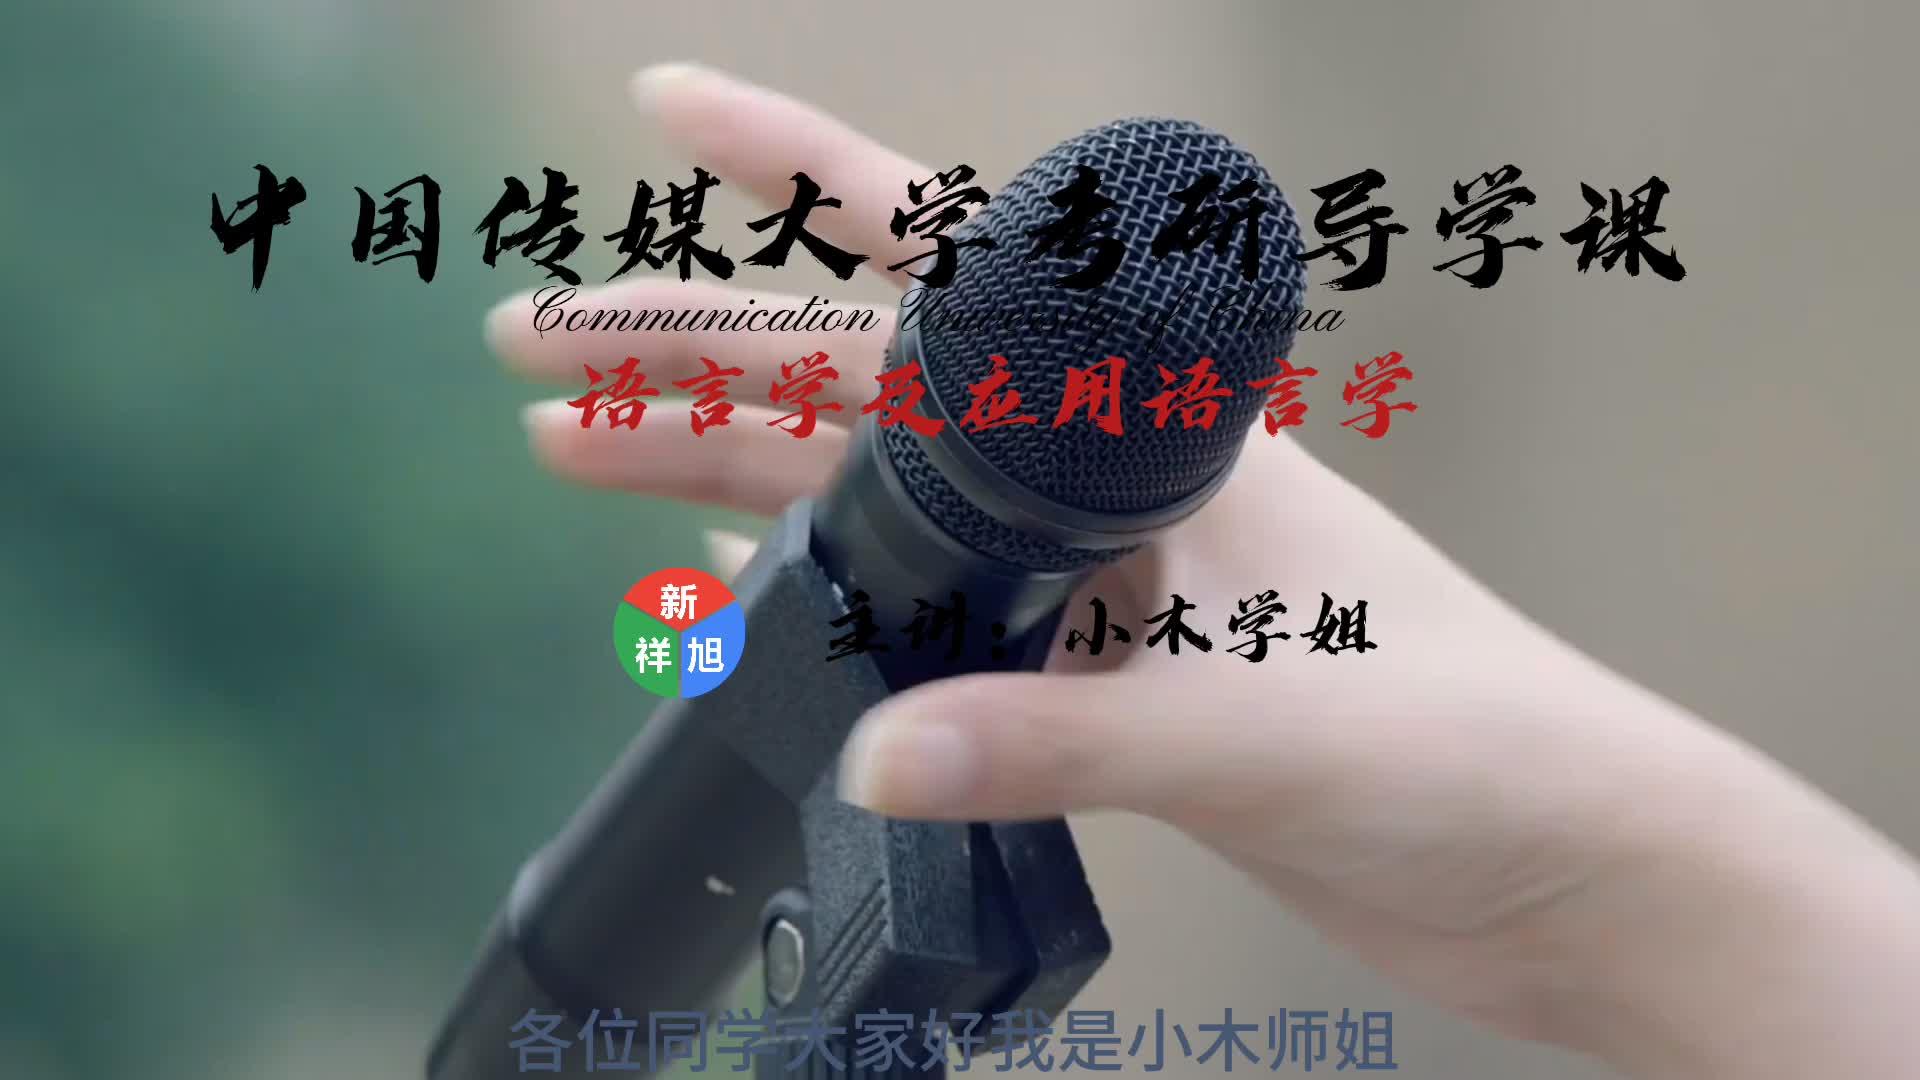 新祥旭导学课:2021年中传语言学及应用语言学考研导学指导(19届专业第一名).MP4